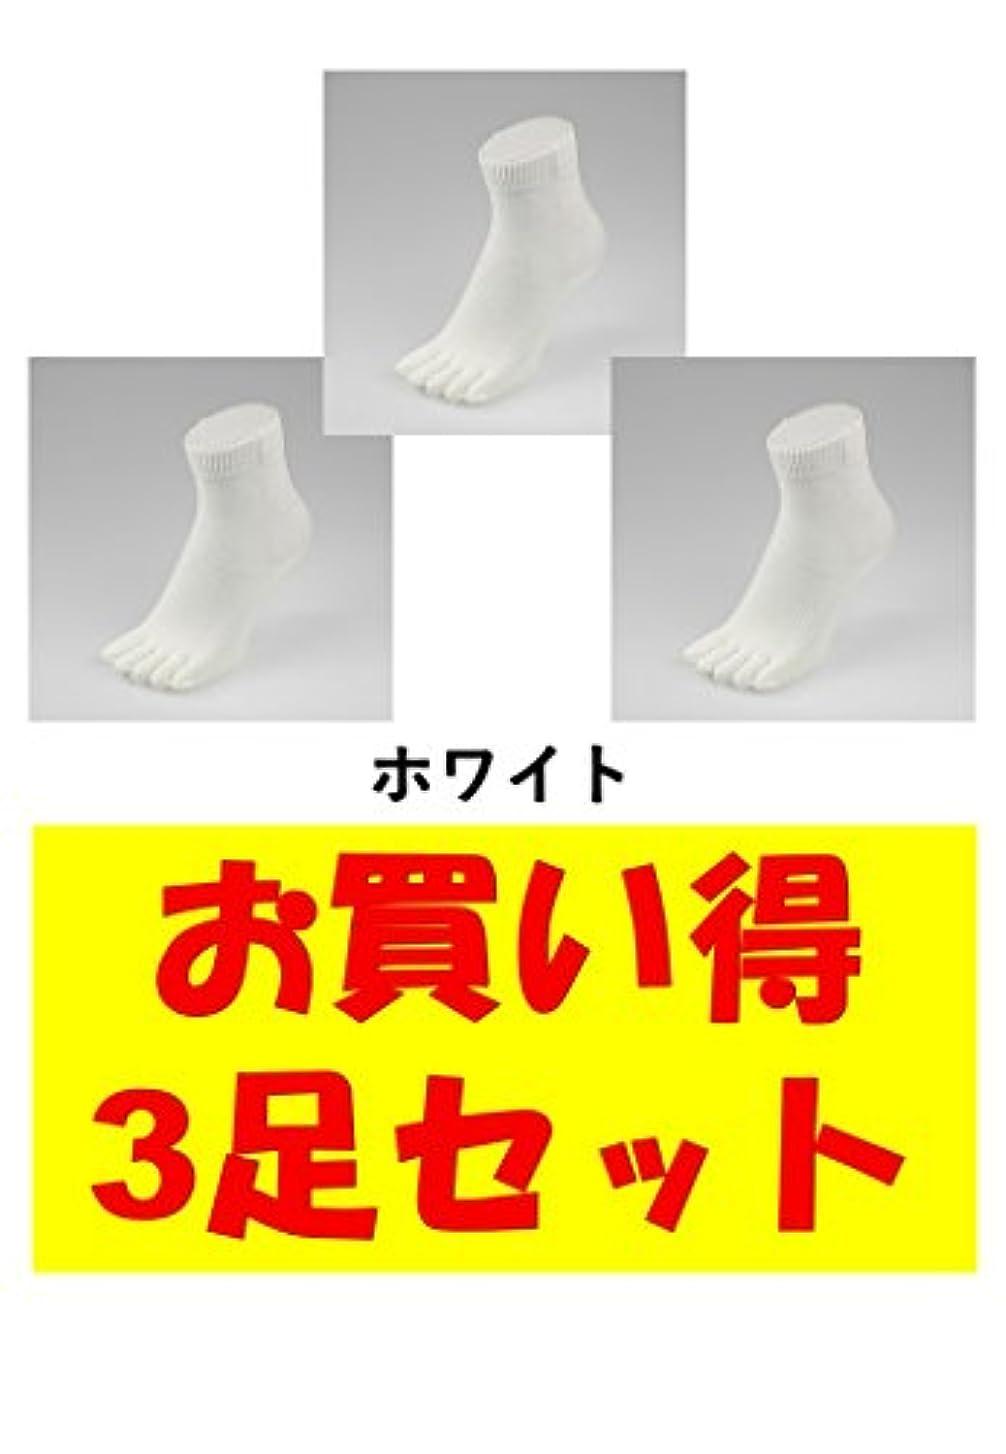 硬さ廃棄する評議会お買い得3足セット 5本指 ゆびのばソックス Neo EVE(イヴ) ホワイト iサイズ(23.5cm - 25.5cm) YSNEVE-WHT